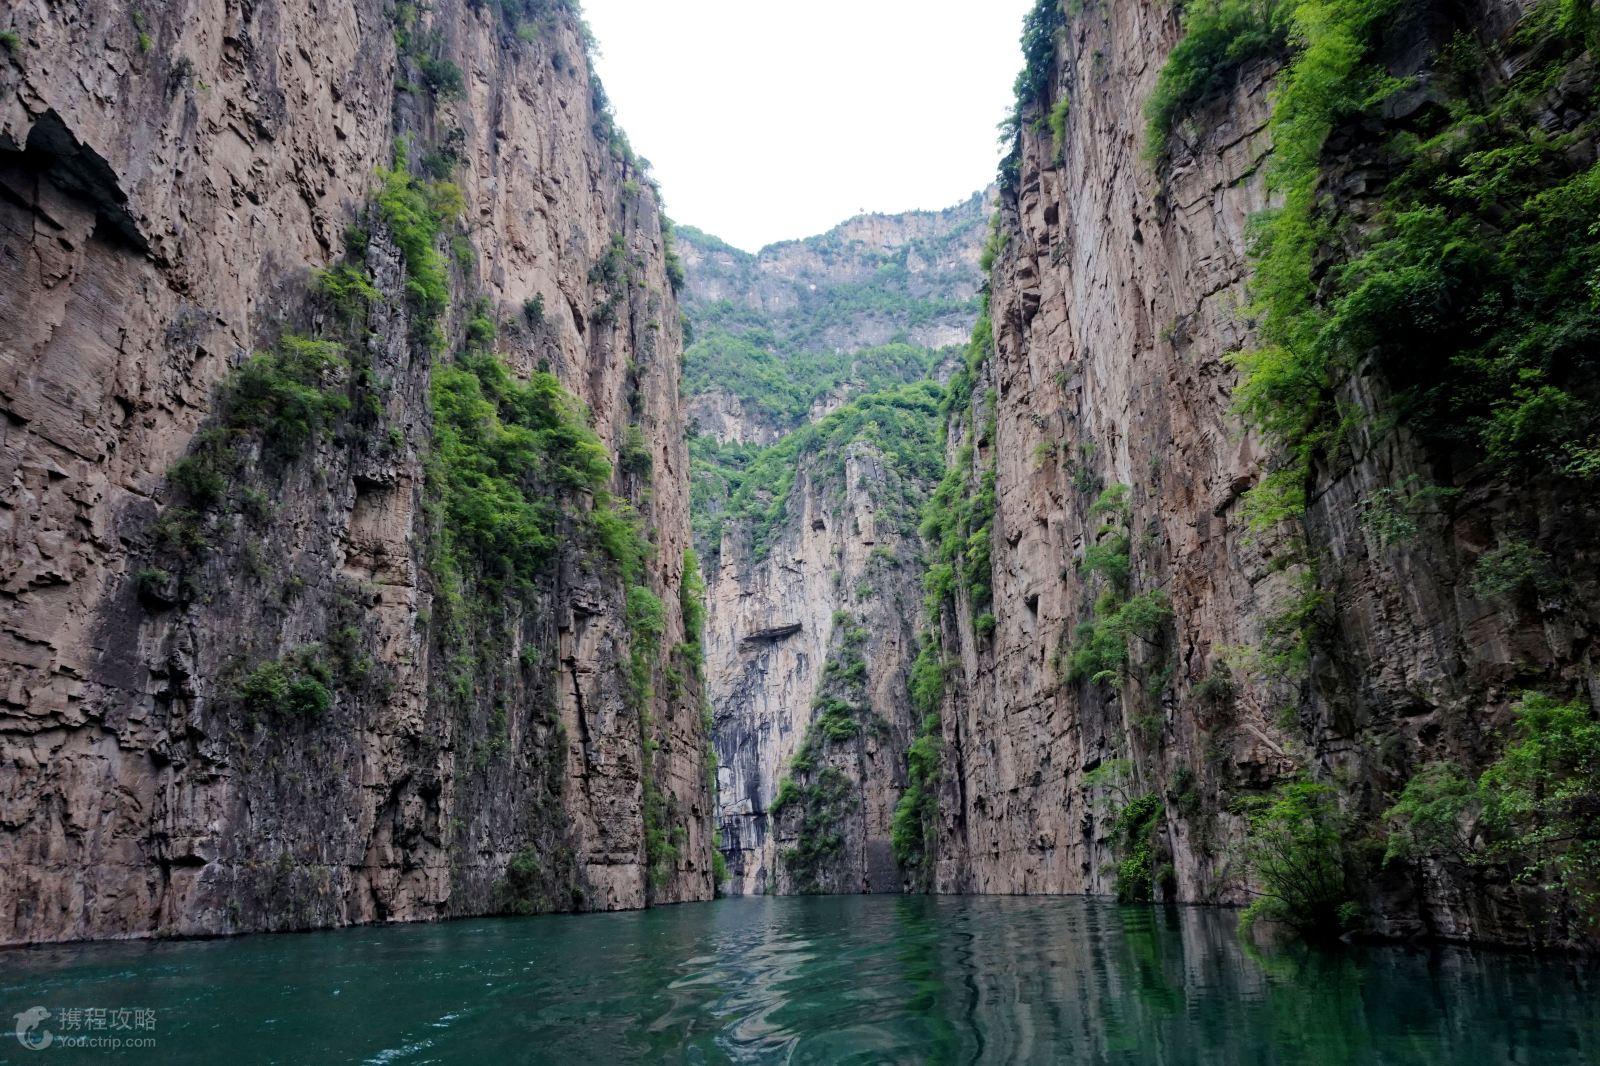 日2晚跟团游 太行山大峡谷 含八泉峡 红豆峡景区门票